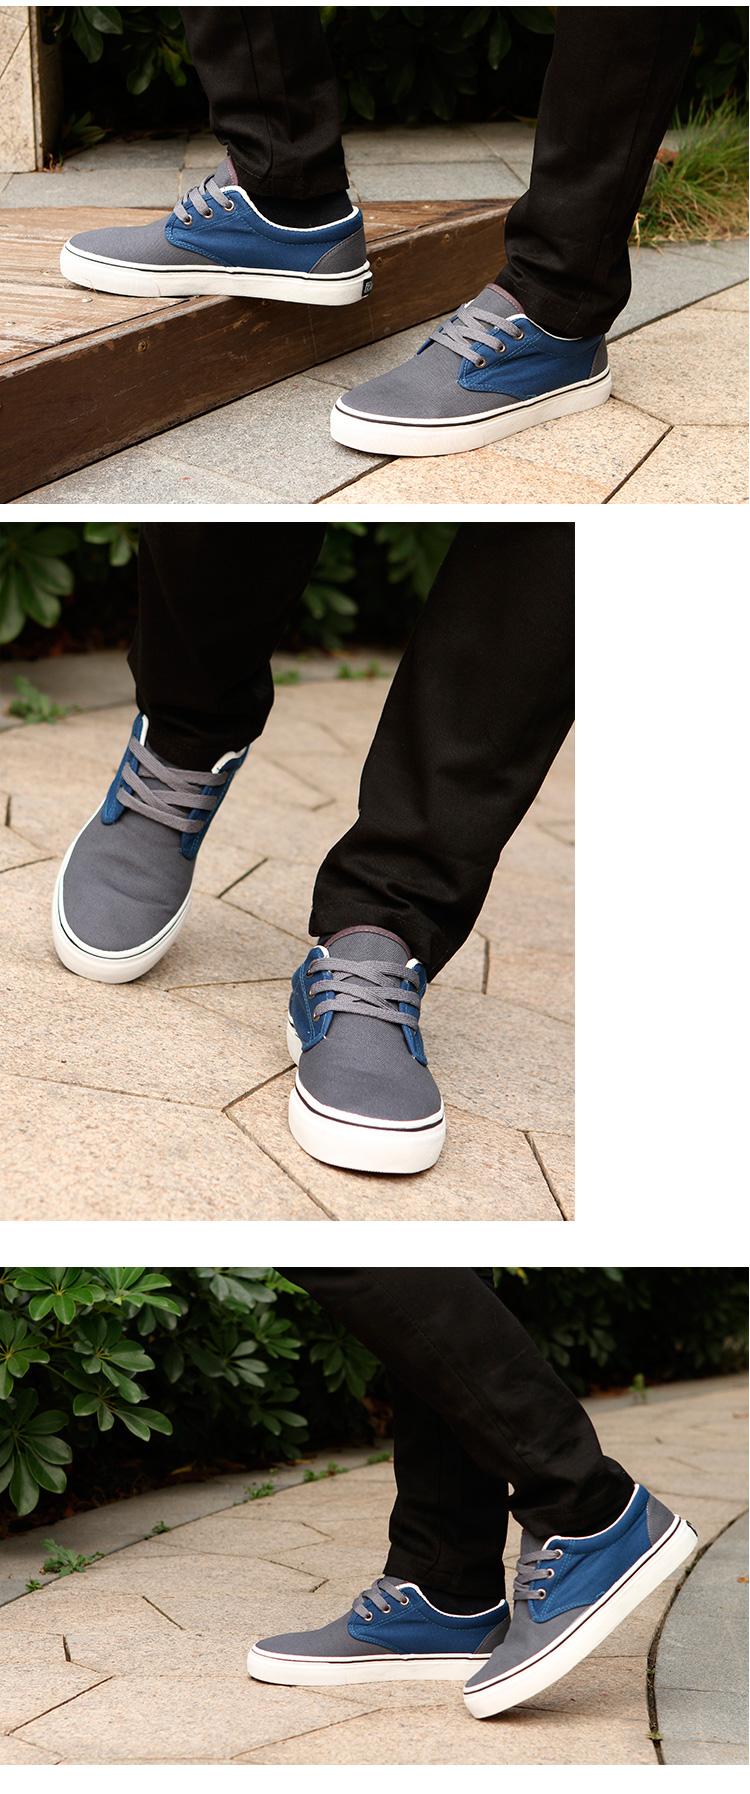 большое фото №6 Мужские серые с синим кеды RenBen RenBen 9658-2